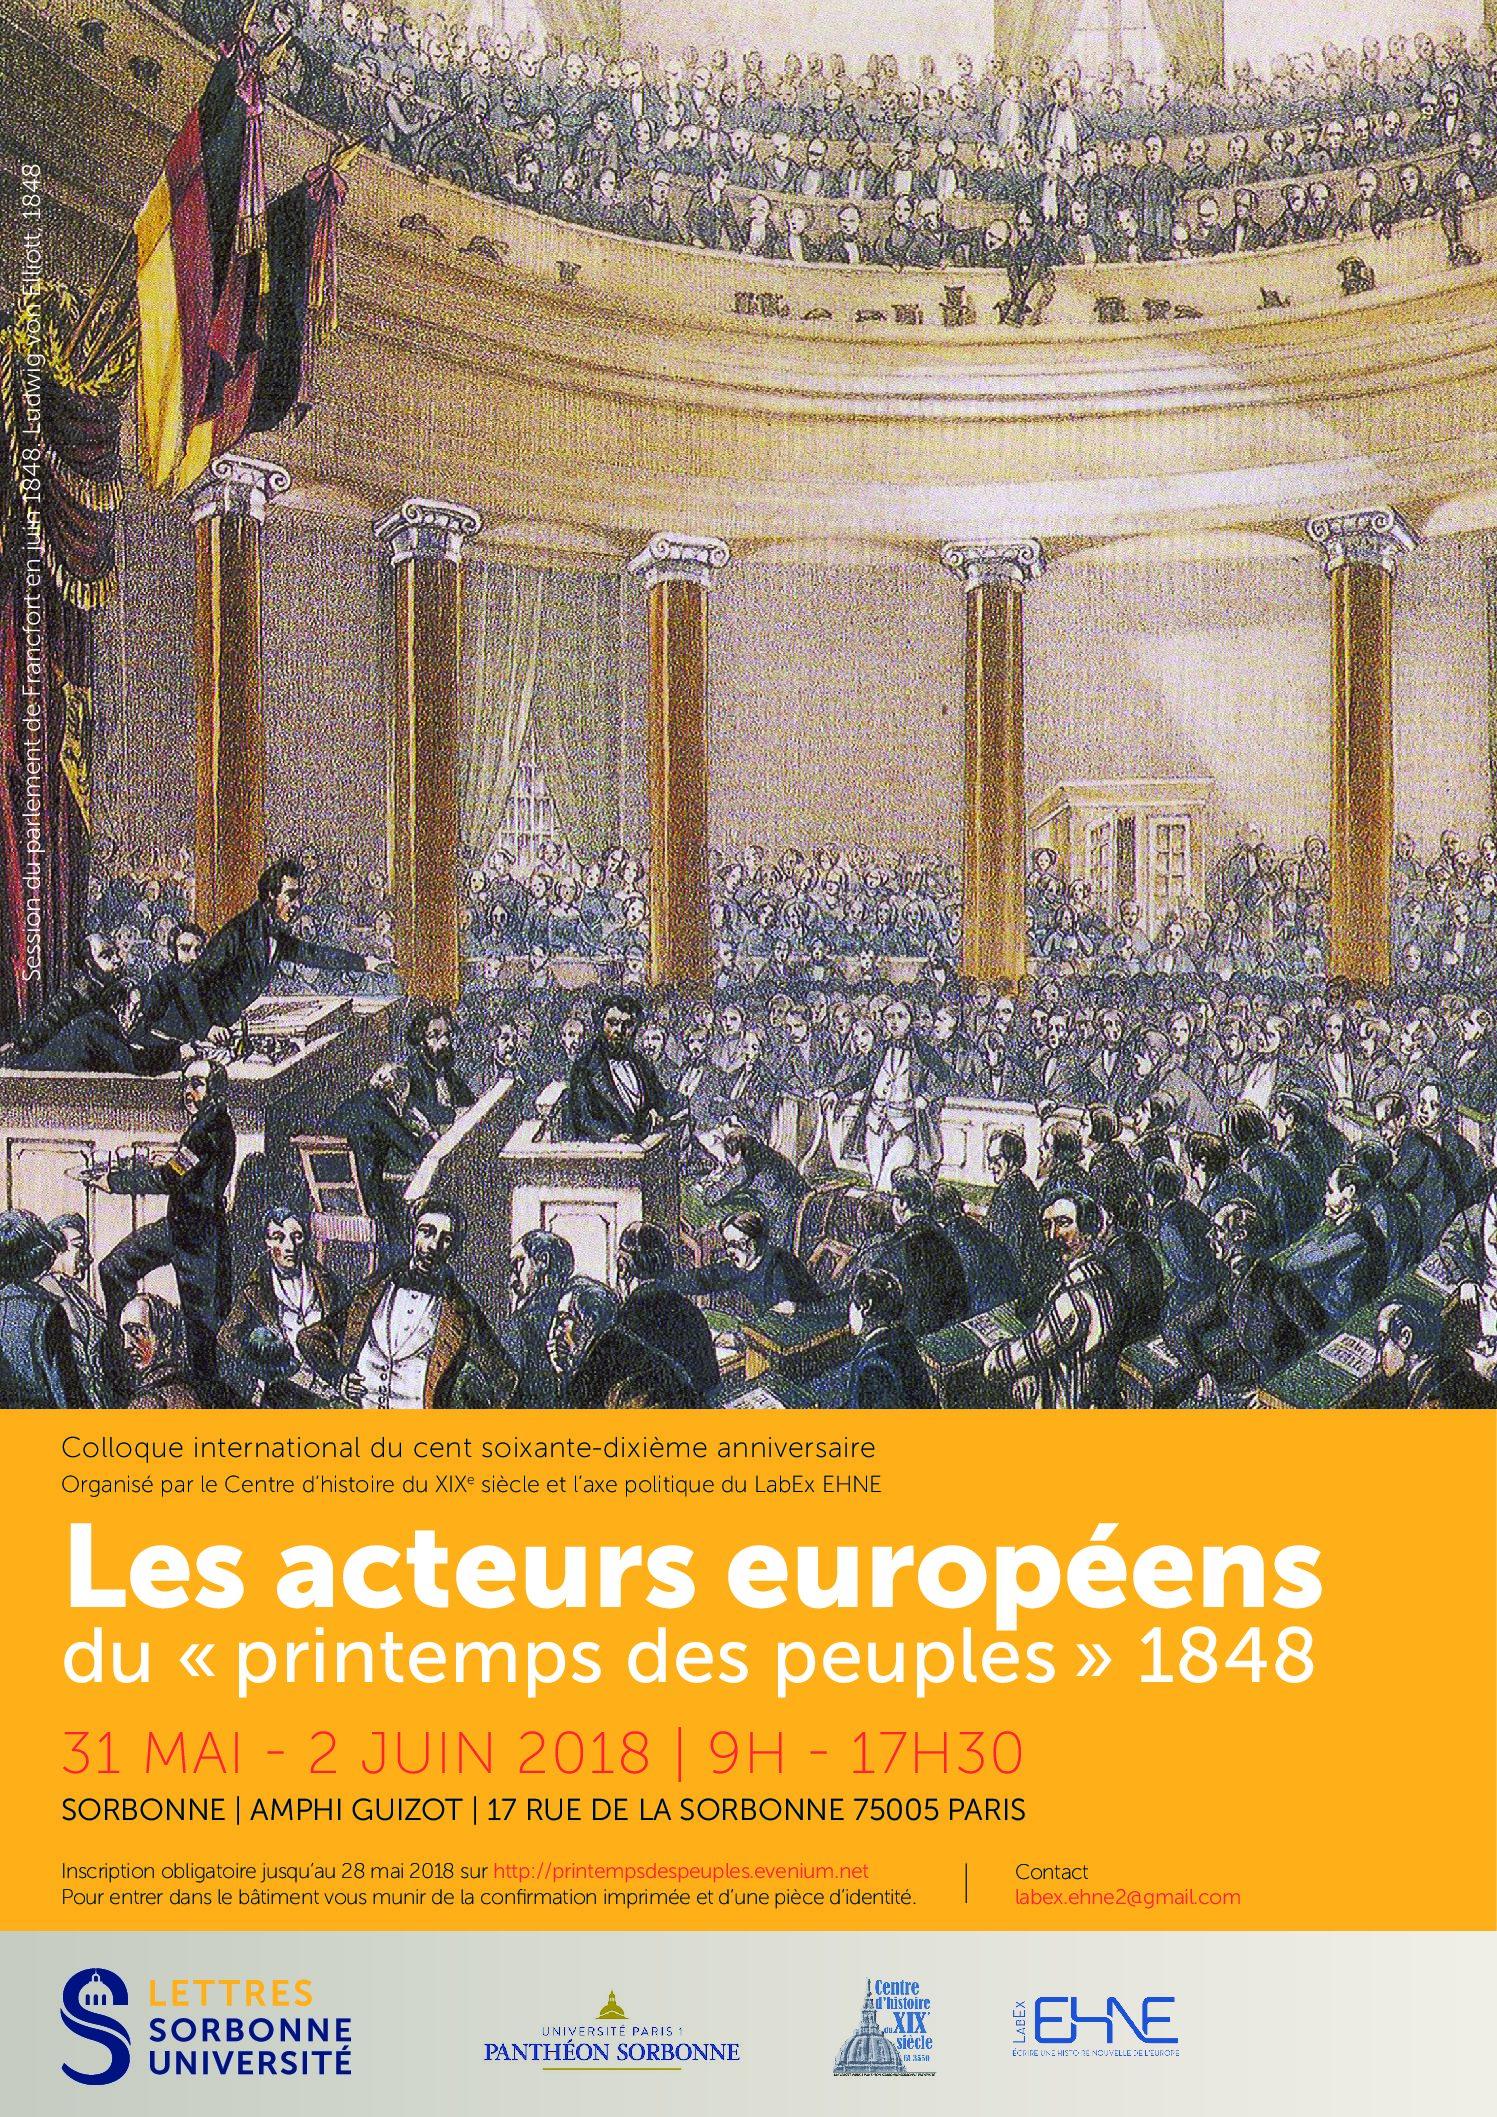 Les acteurs européens du «printemps des peuples» 1848